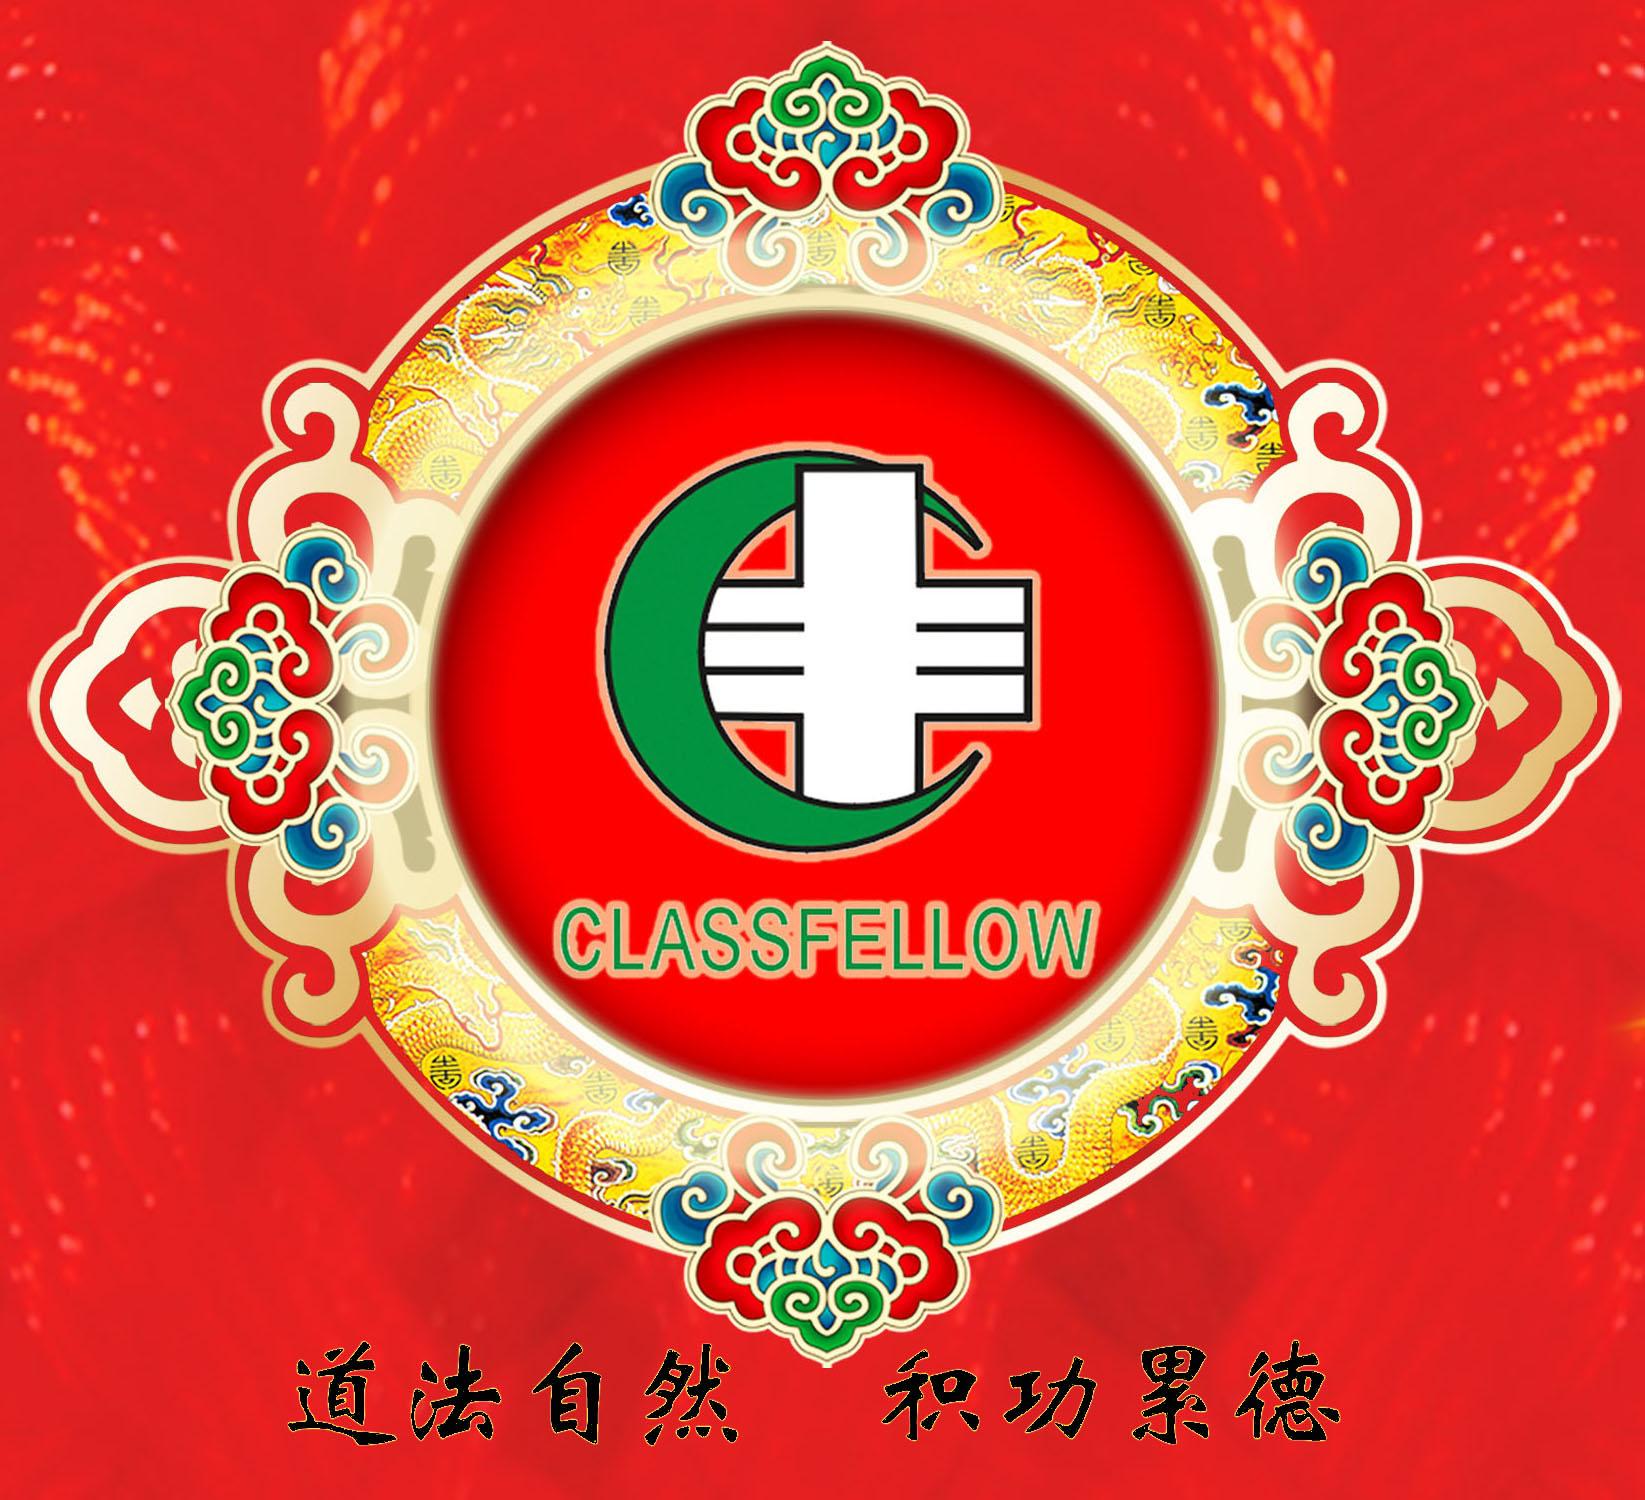 梅里亚国际贸易(上海)公司